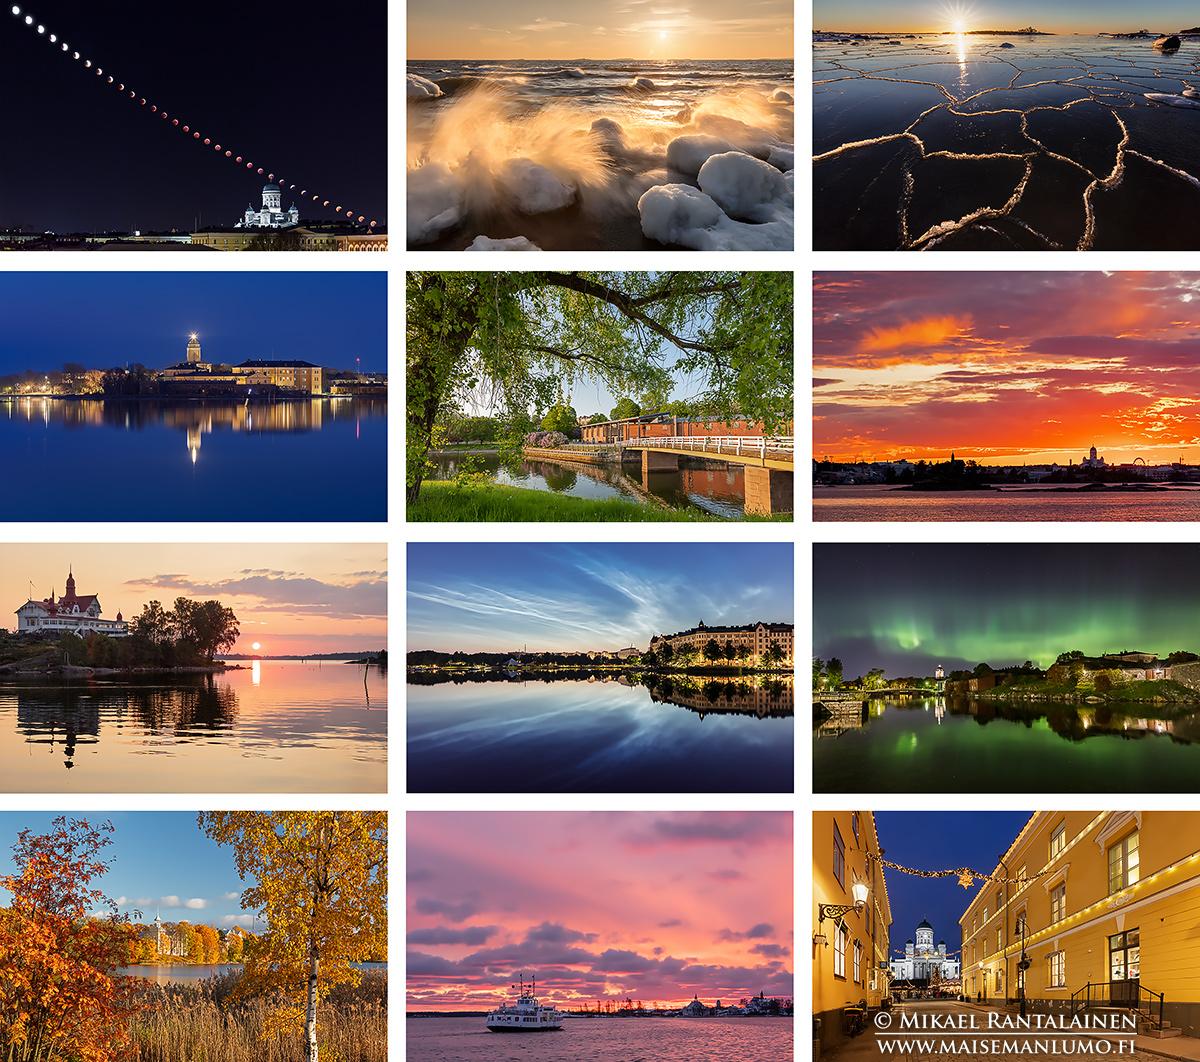 Helsinki Maisemakalenteri 2020